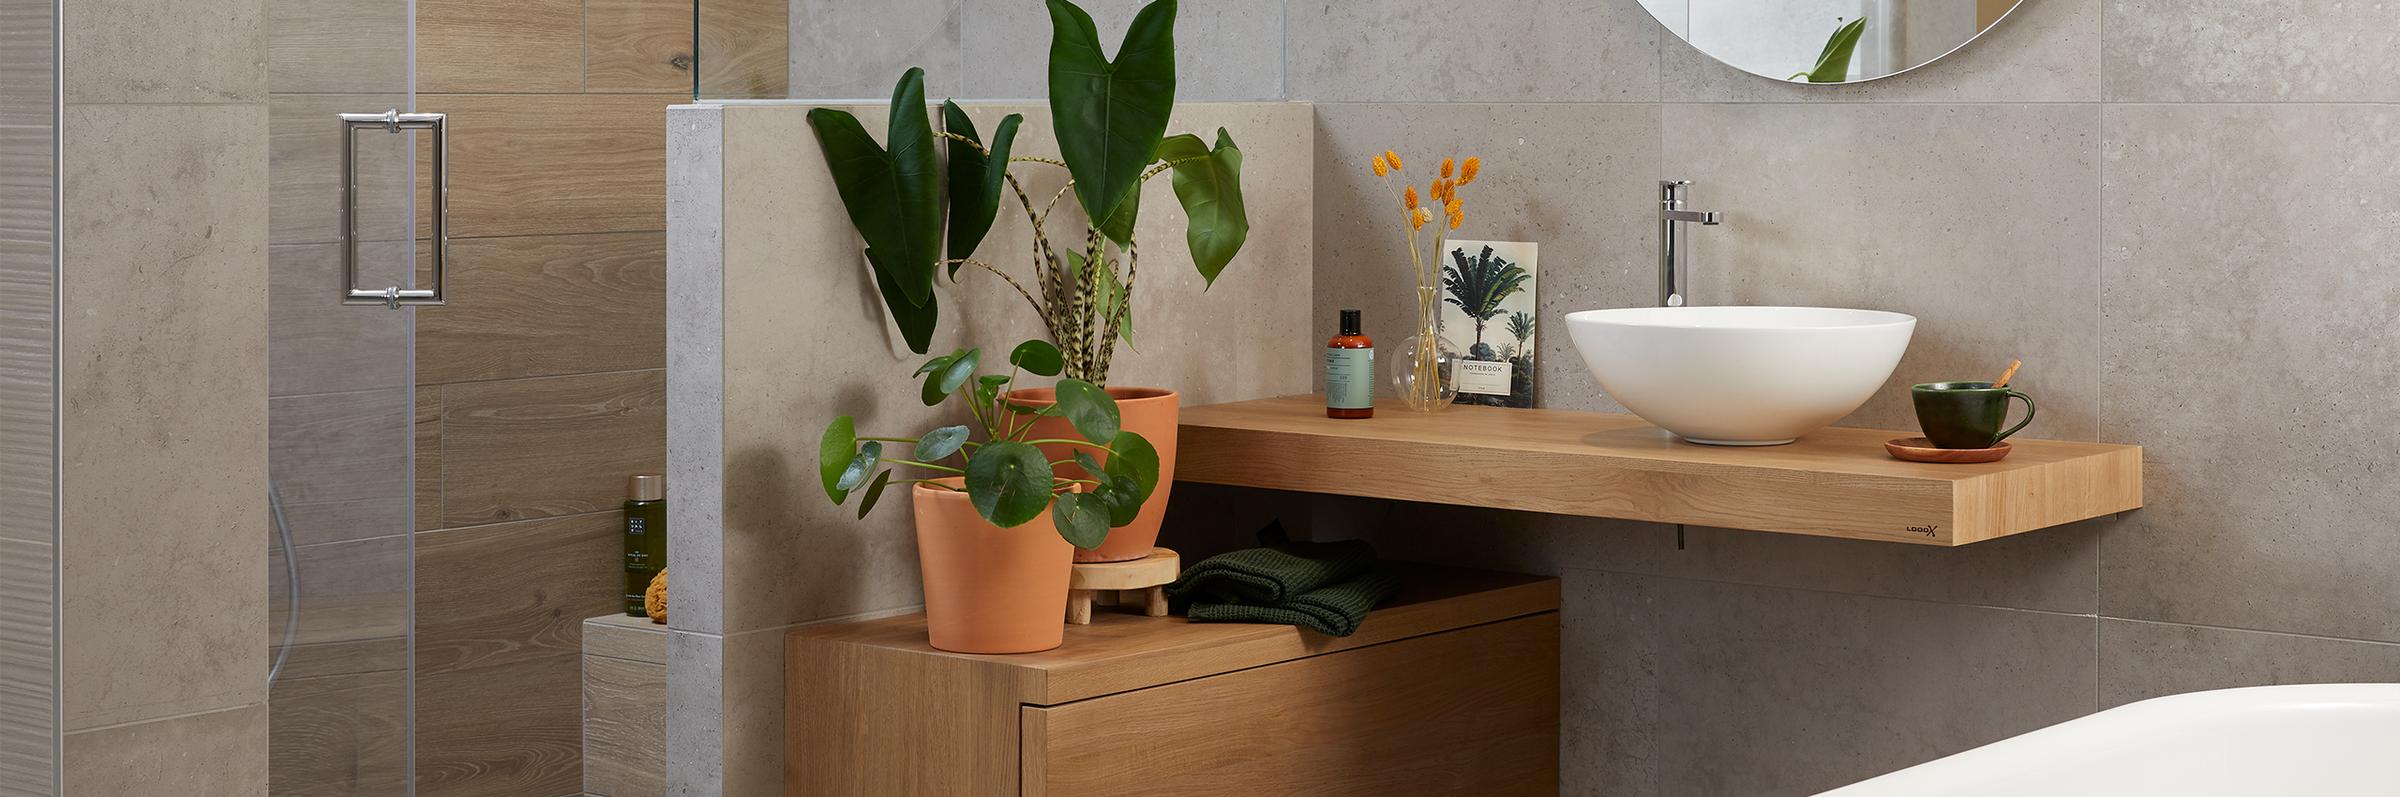 Wellness badkamer in scandinavische stijl - Wellness badkamer in scandinavische stijl